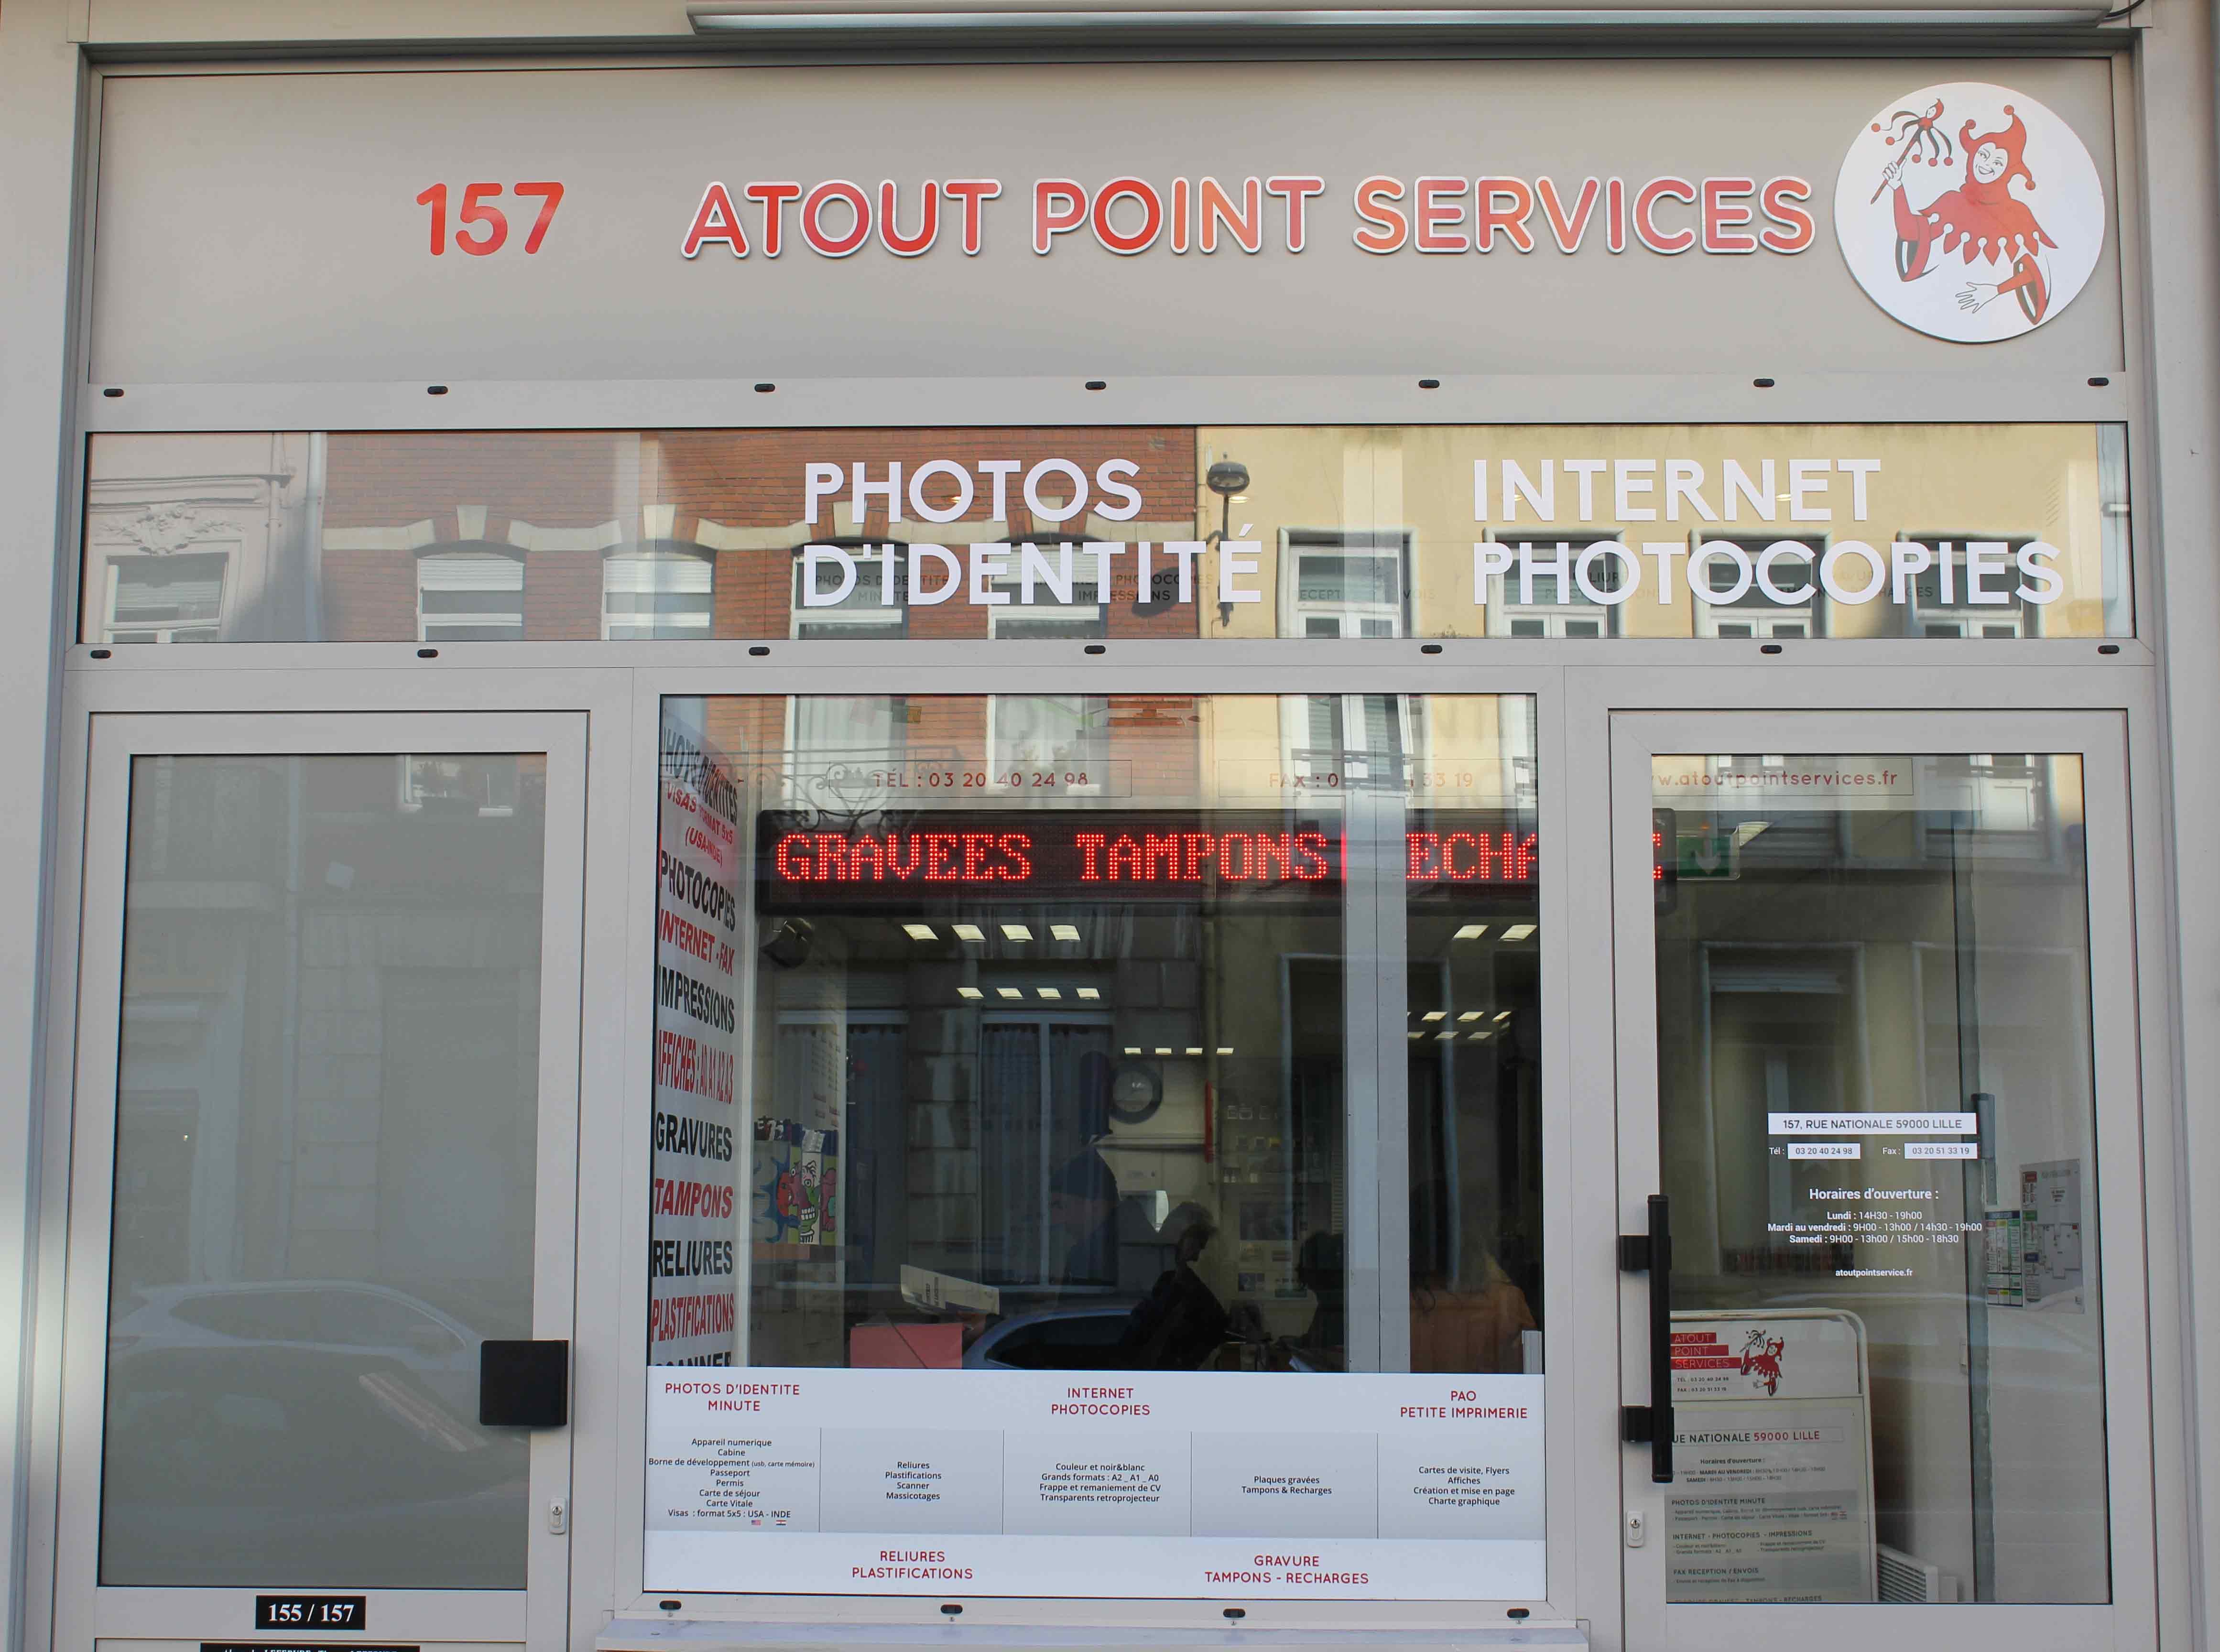 Magasin à Lille de photocopies, impressions, photos d'identité et internet